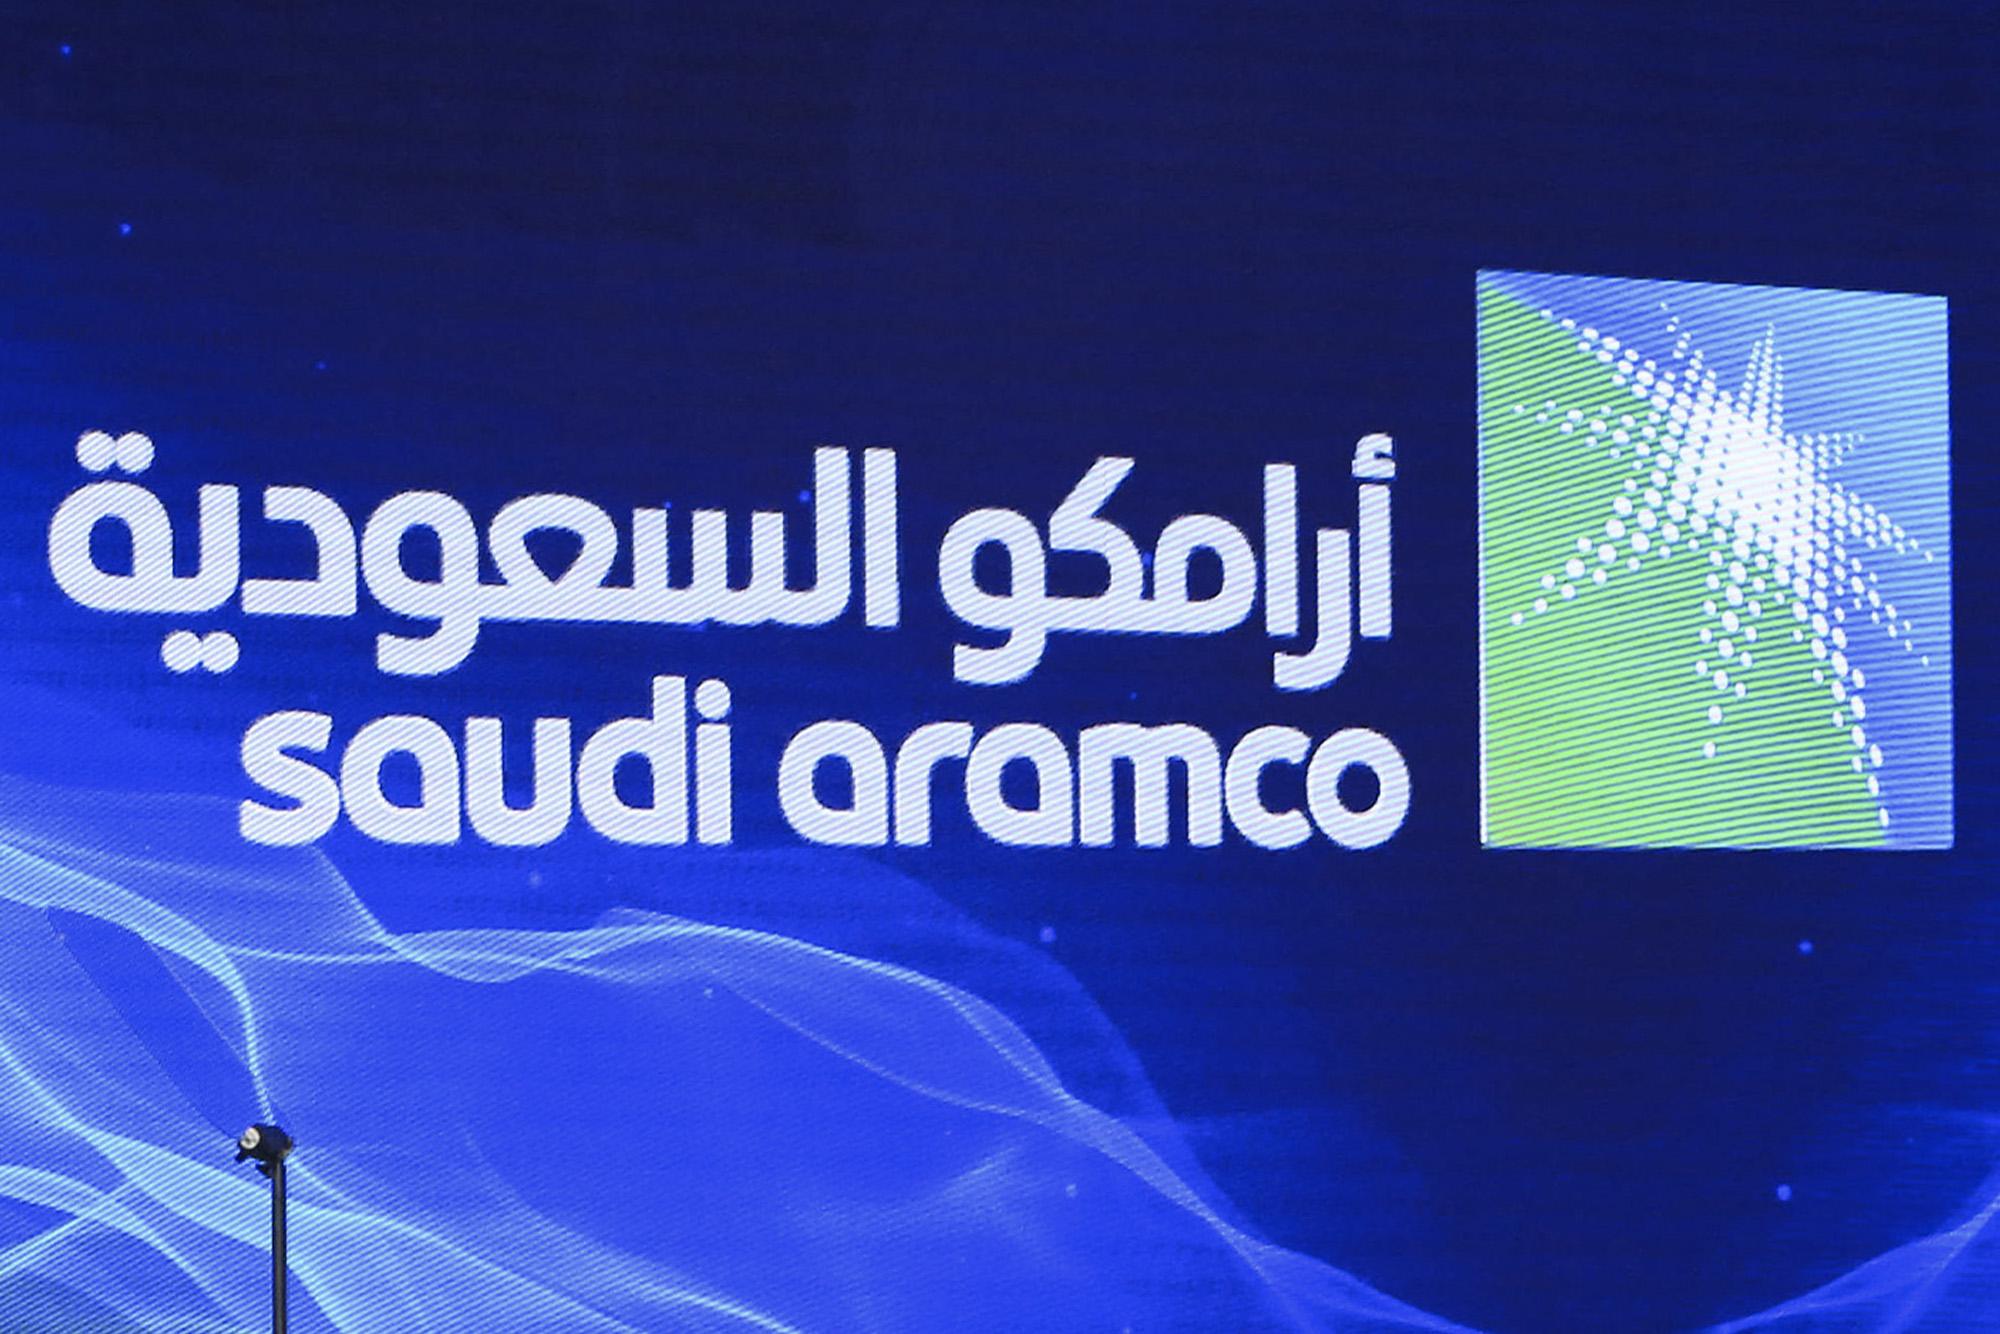 Formula 1 announces global partnership deal with Saudi Aramco